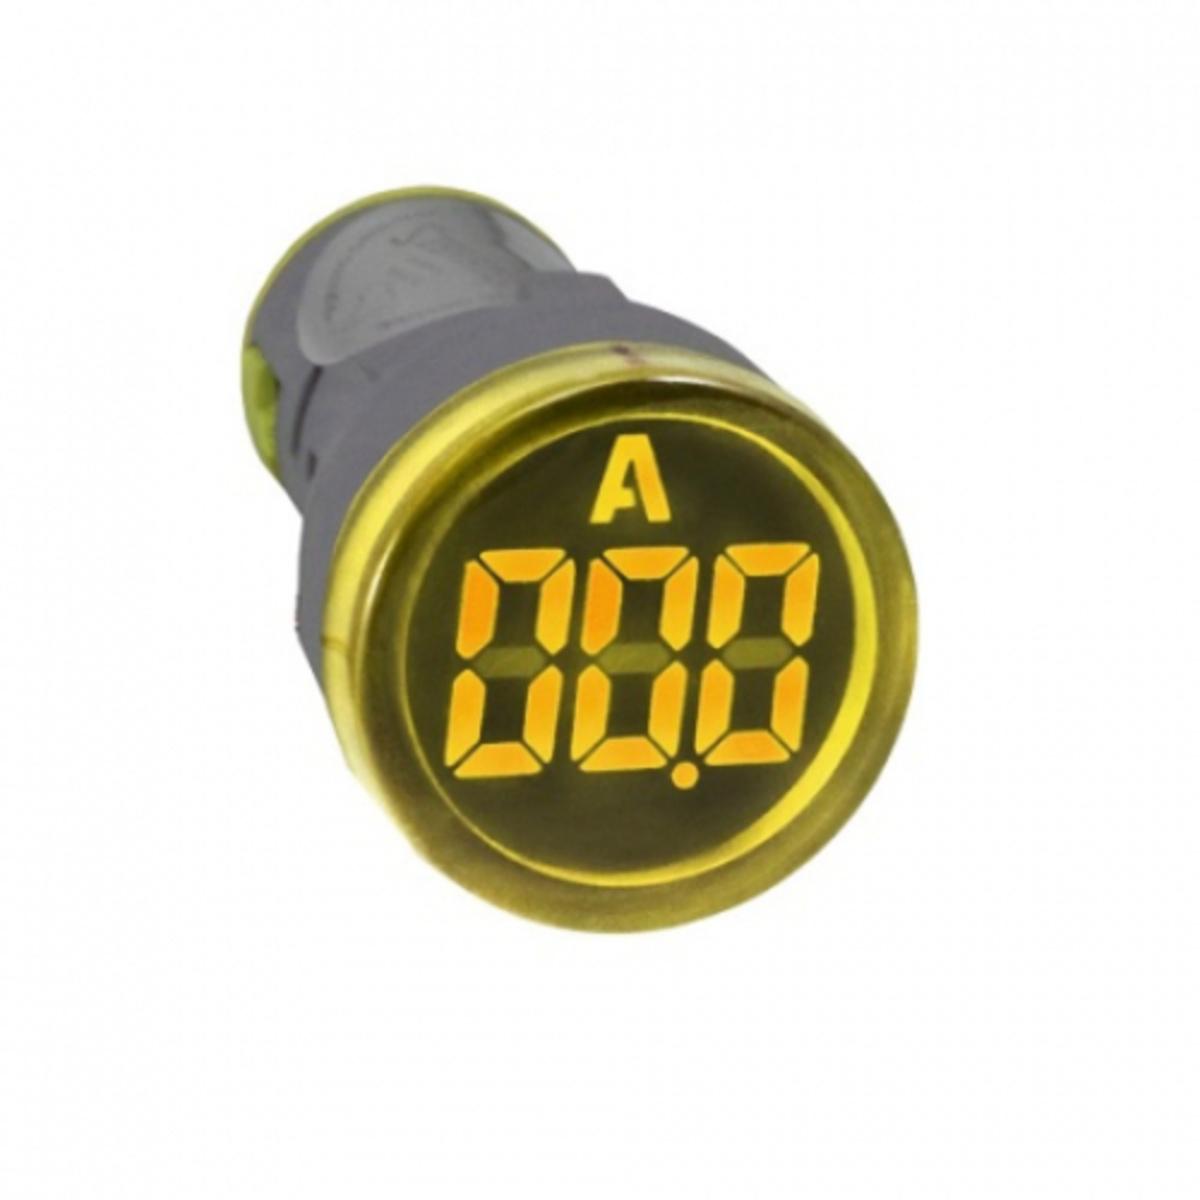 AMPERIMETRO+VOLTIMETRO DIGITAL REDONDO 22MM AMARELO 100A E 50-500VCA ELETRIZA